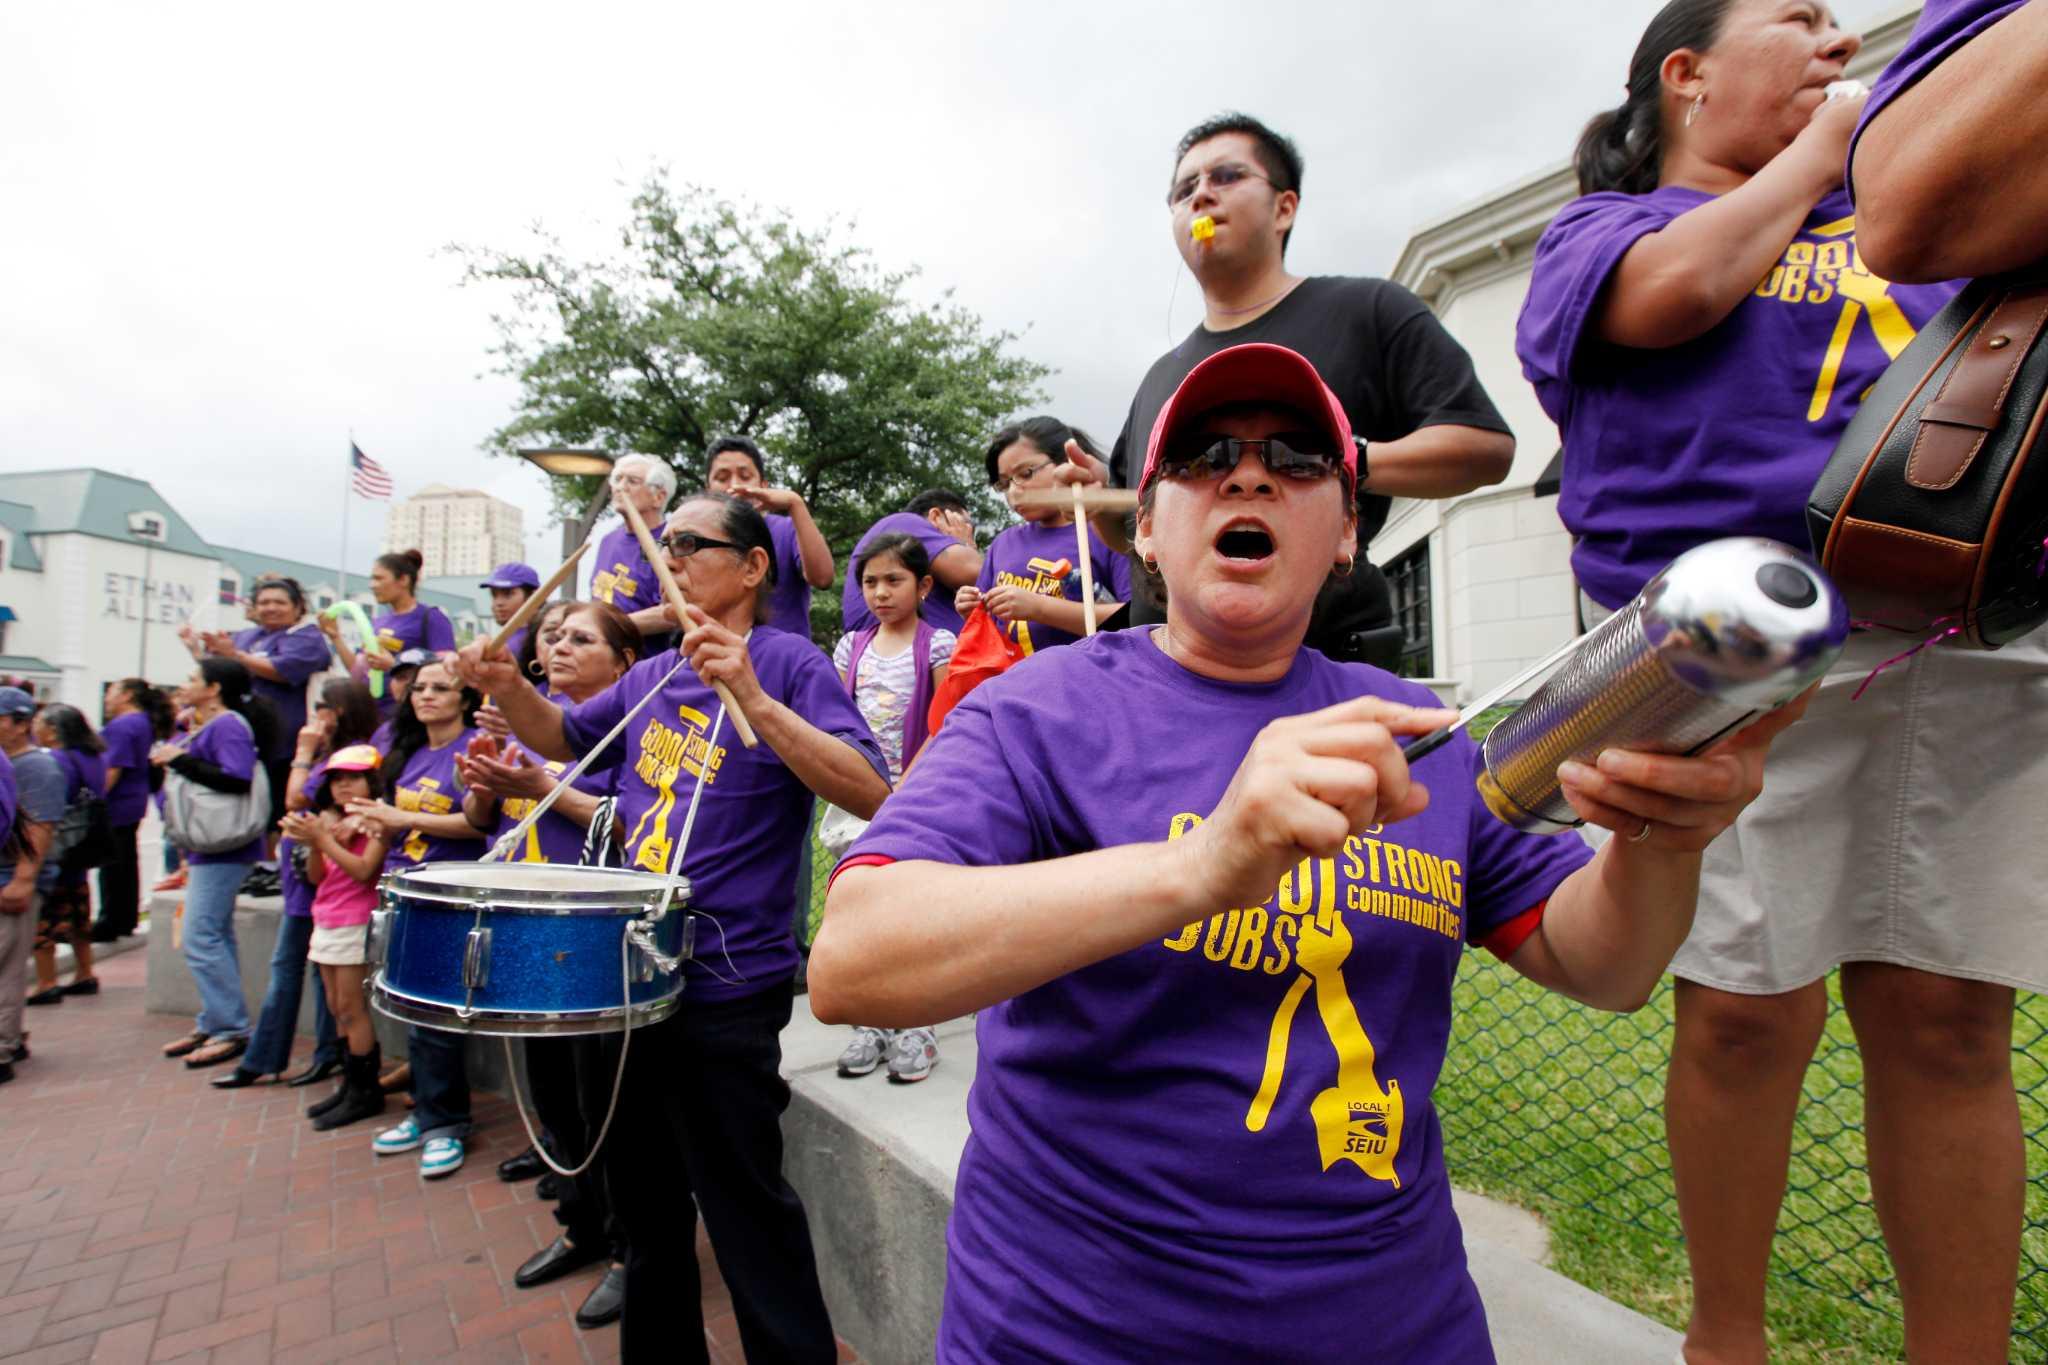 Union janitors want share of improved Houston economy - Houston